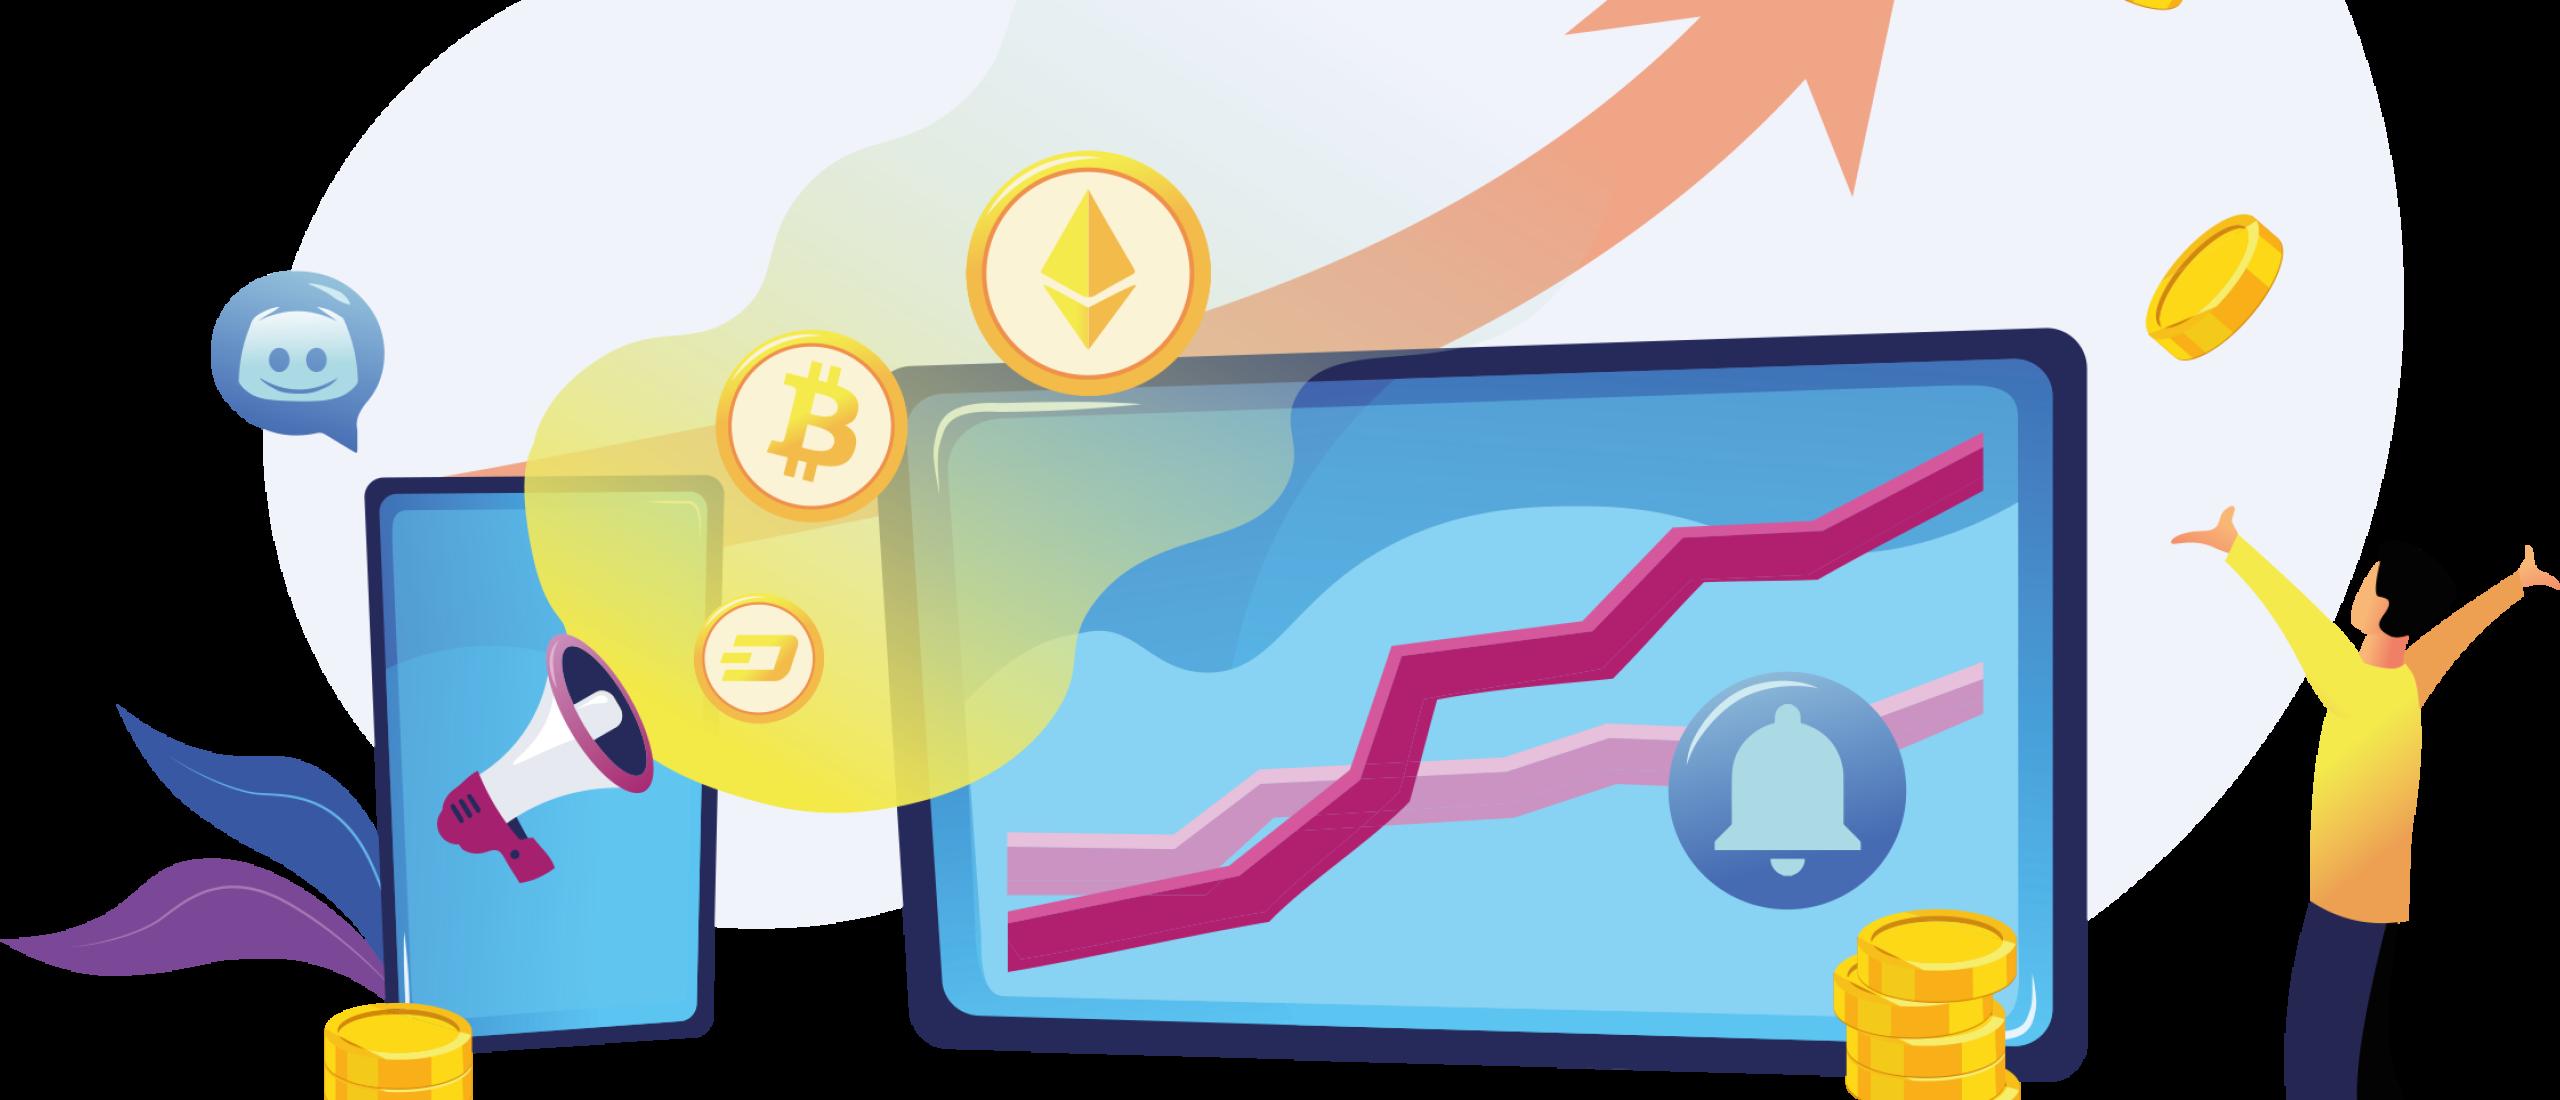 Crypto Signals Review van AllesOverCrypto – hoe waardevol zijn ze?